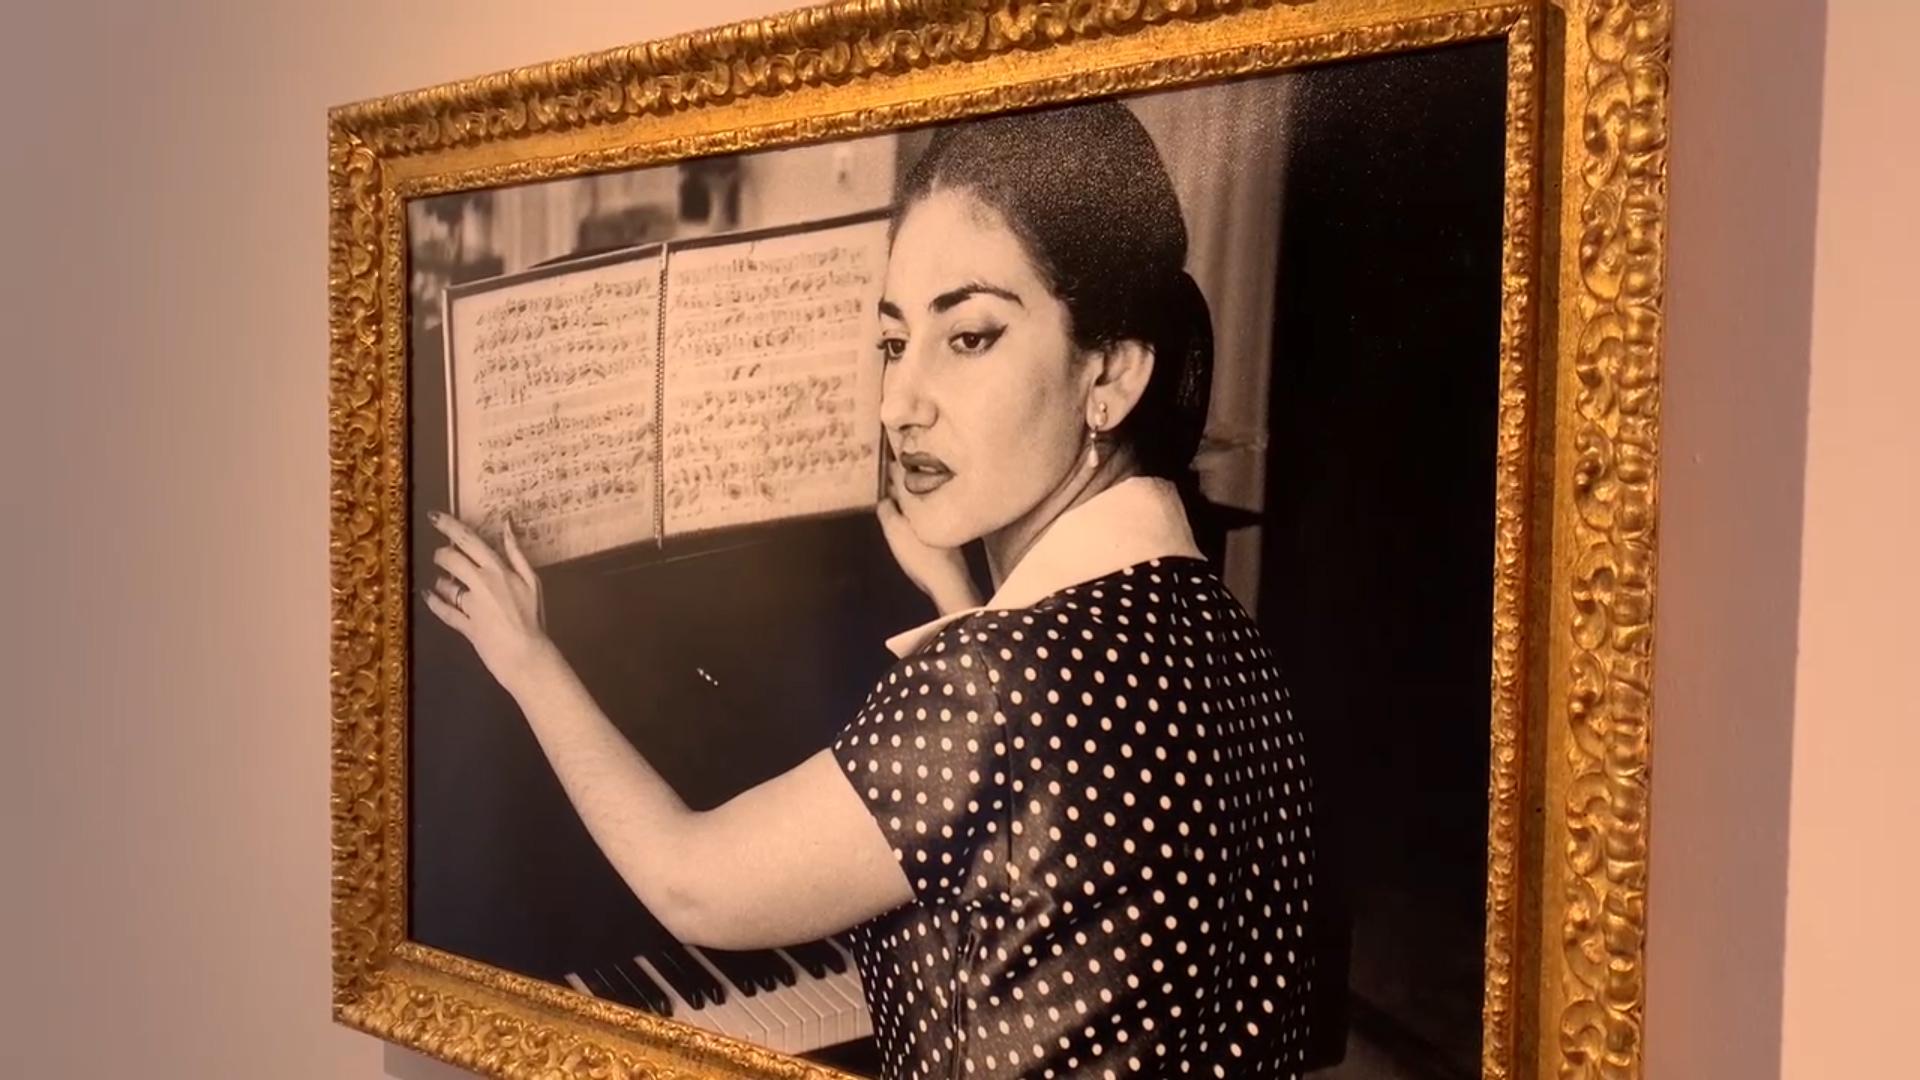 La divina emozione: Callas, Sirmione, Lugana e Giappone